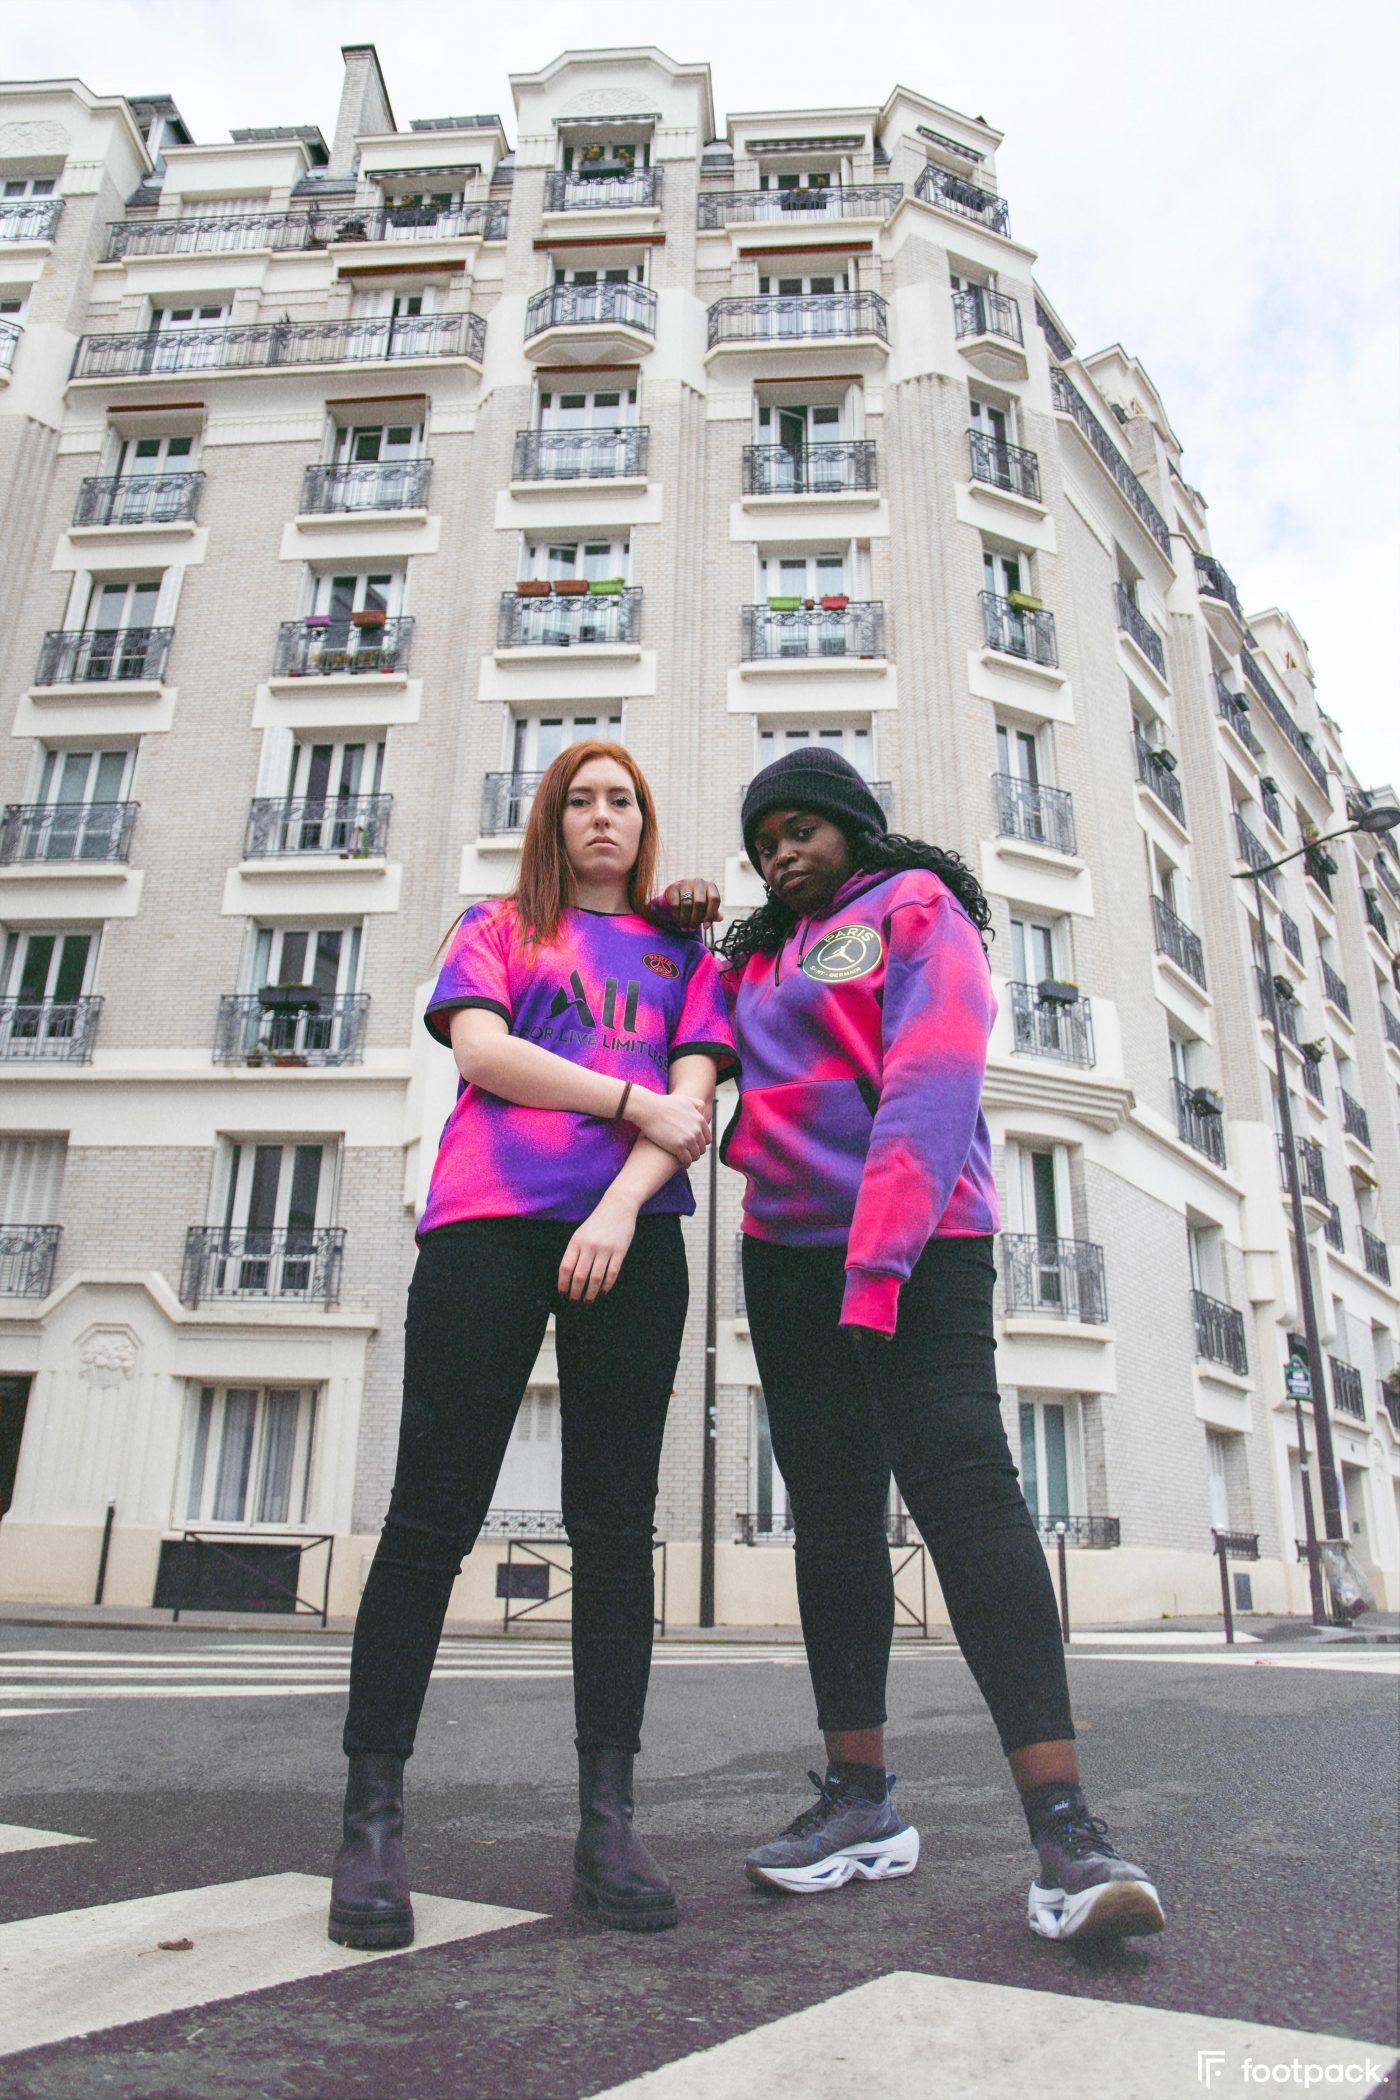 maillot-psg-jordan-rose-violet-2021-footpack-8